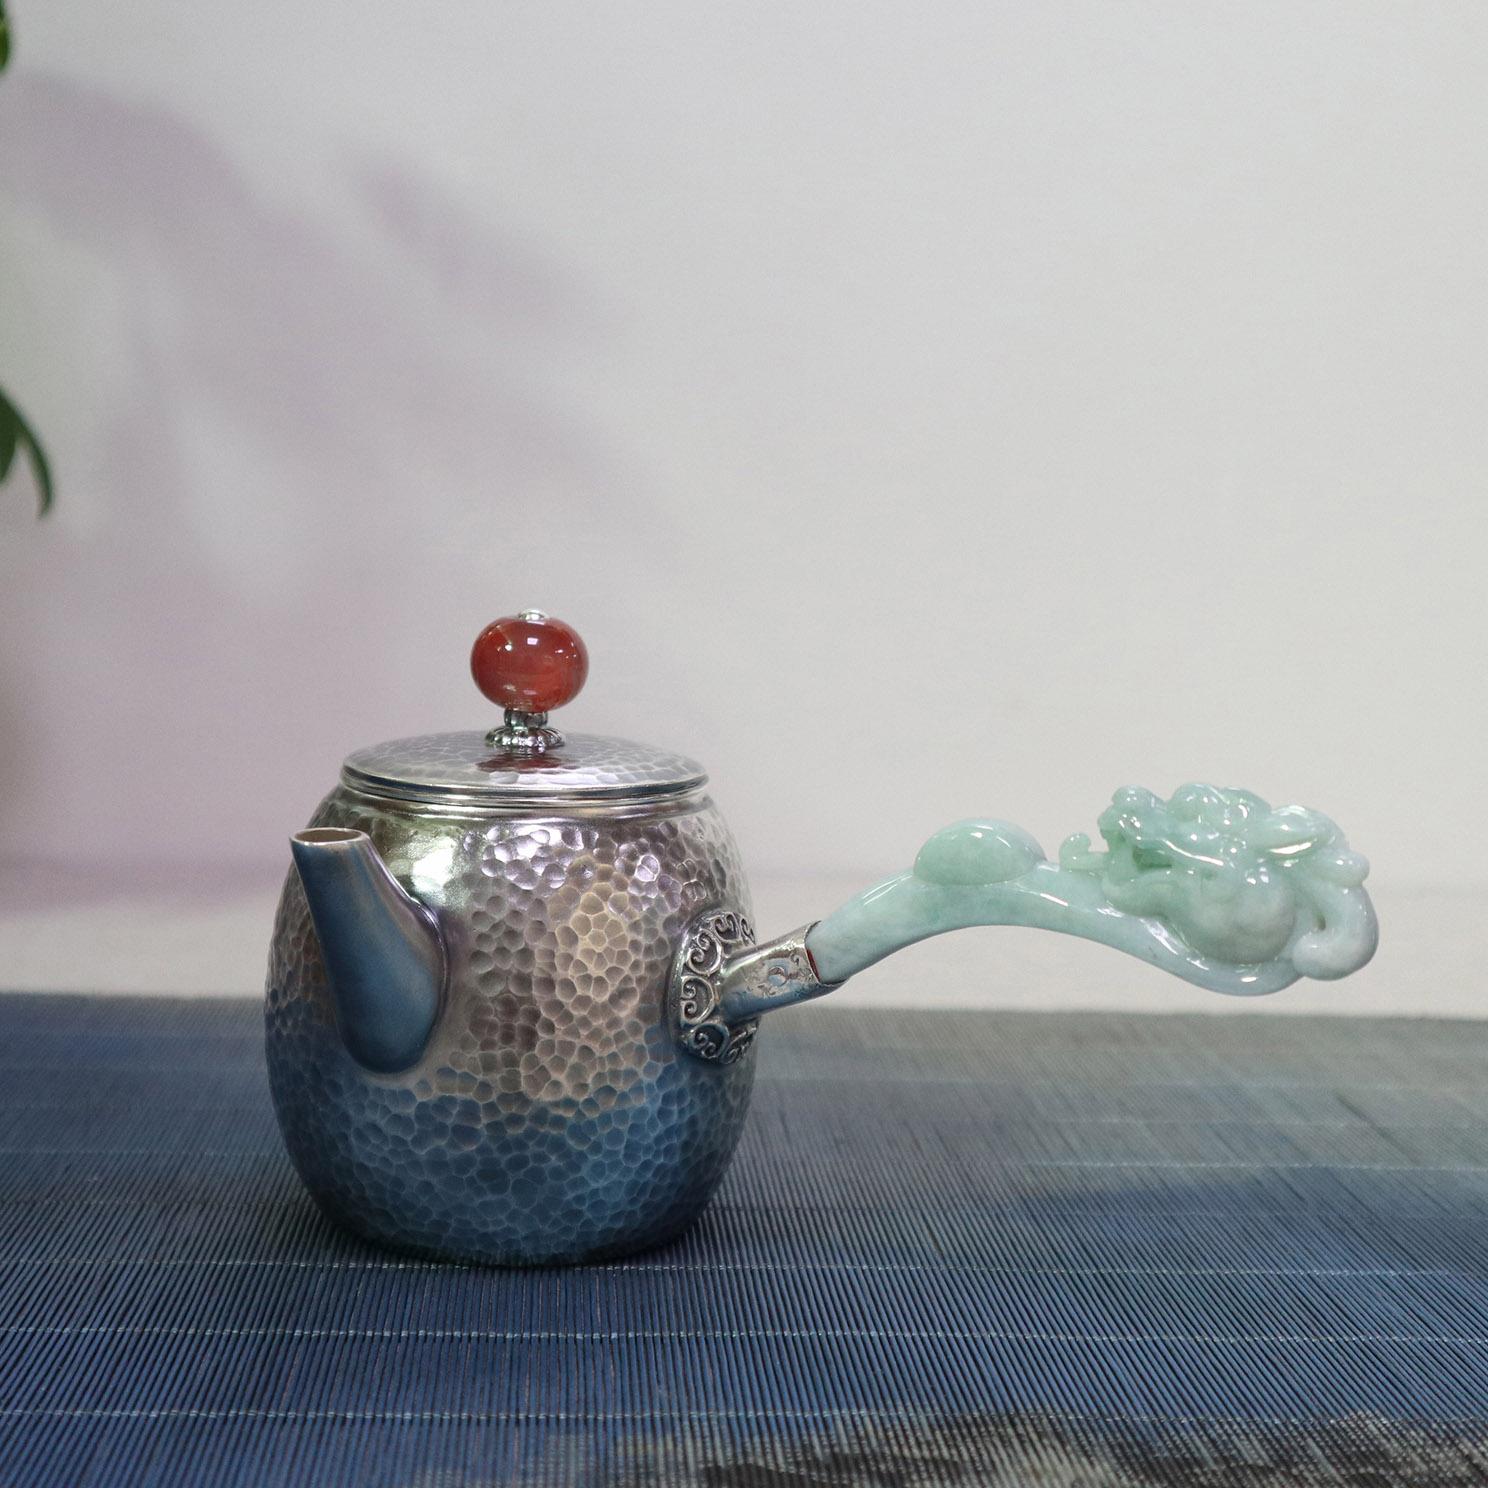 【龙王戏珠】S999纯银手工 茶壶